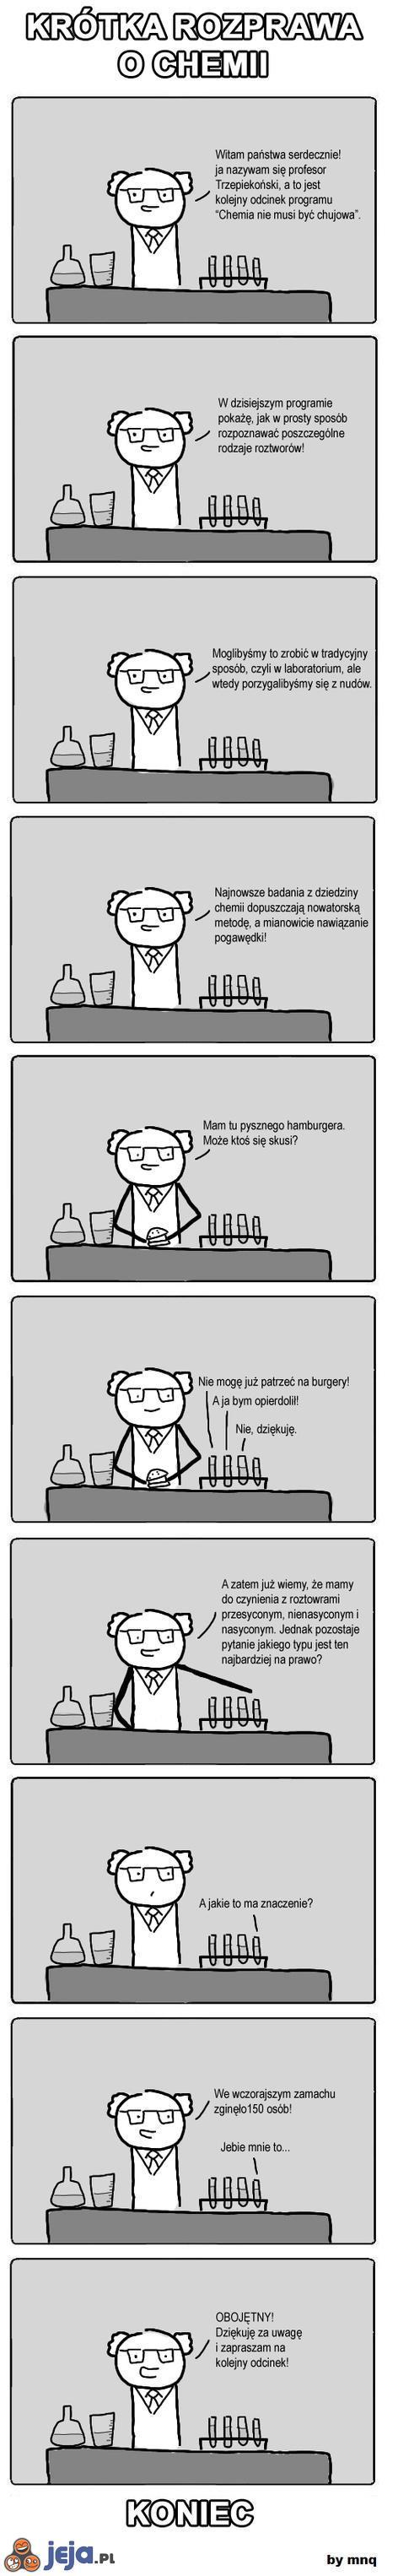 Krótka rozprawa o chemii